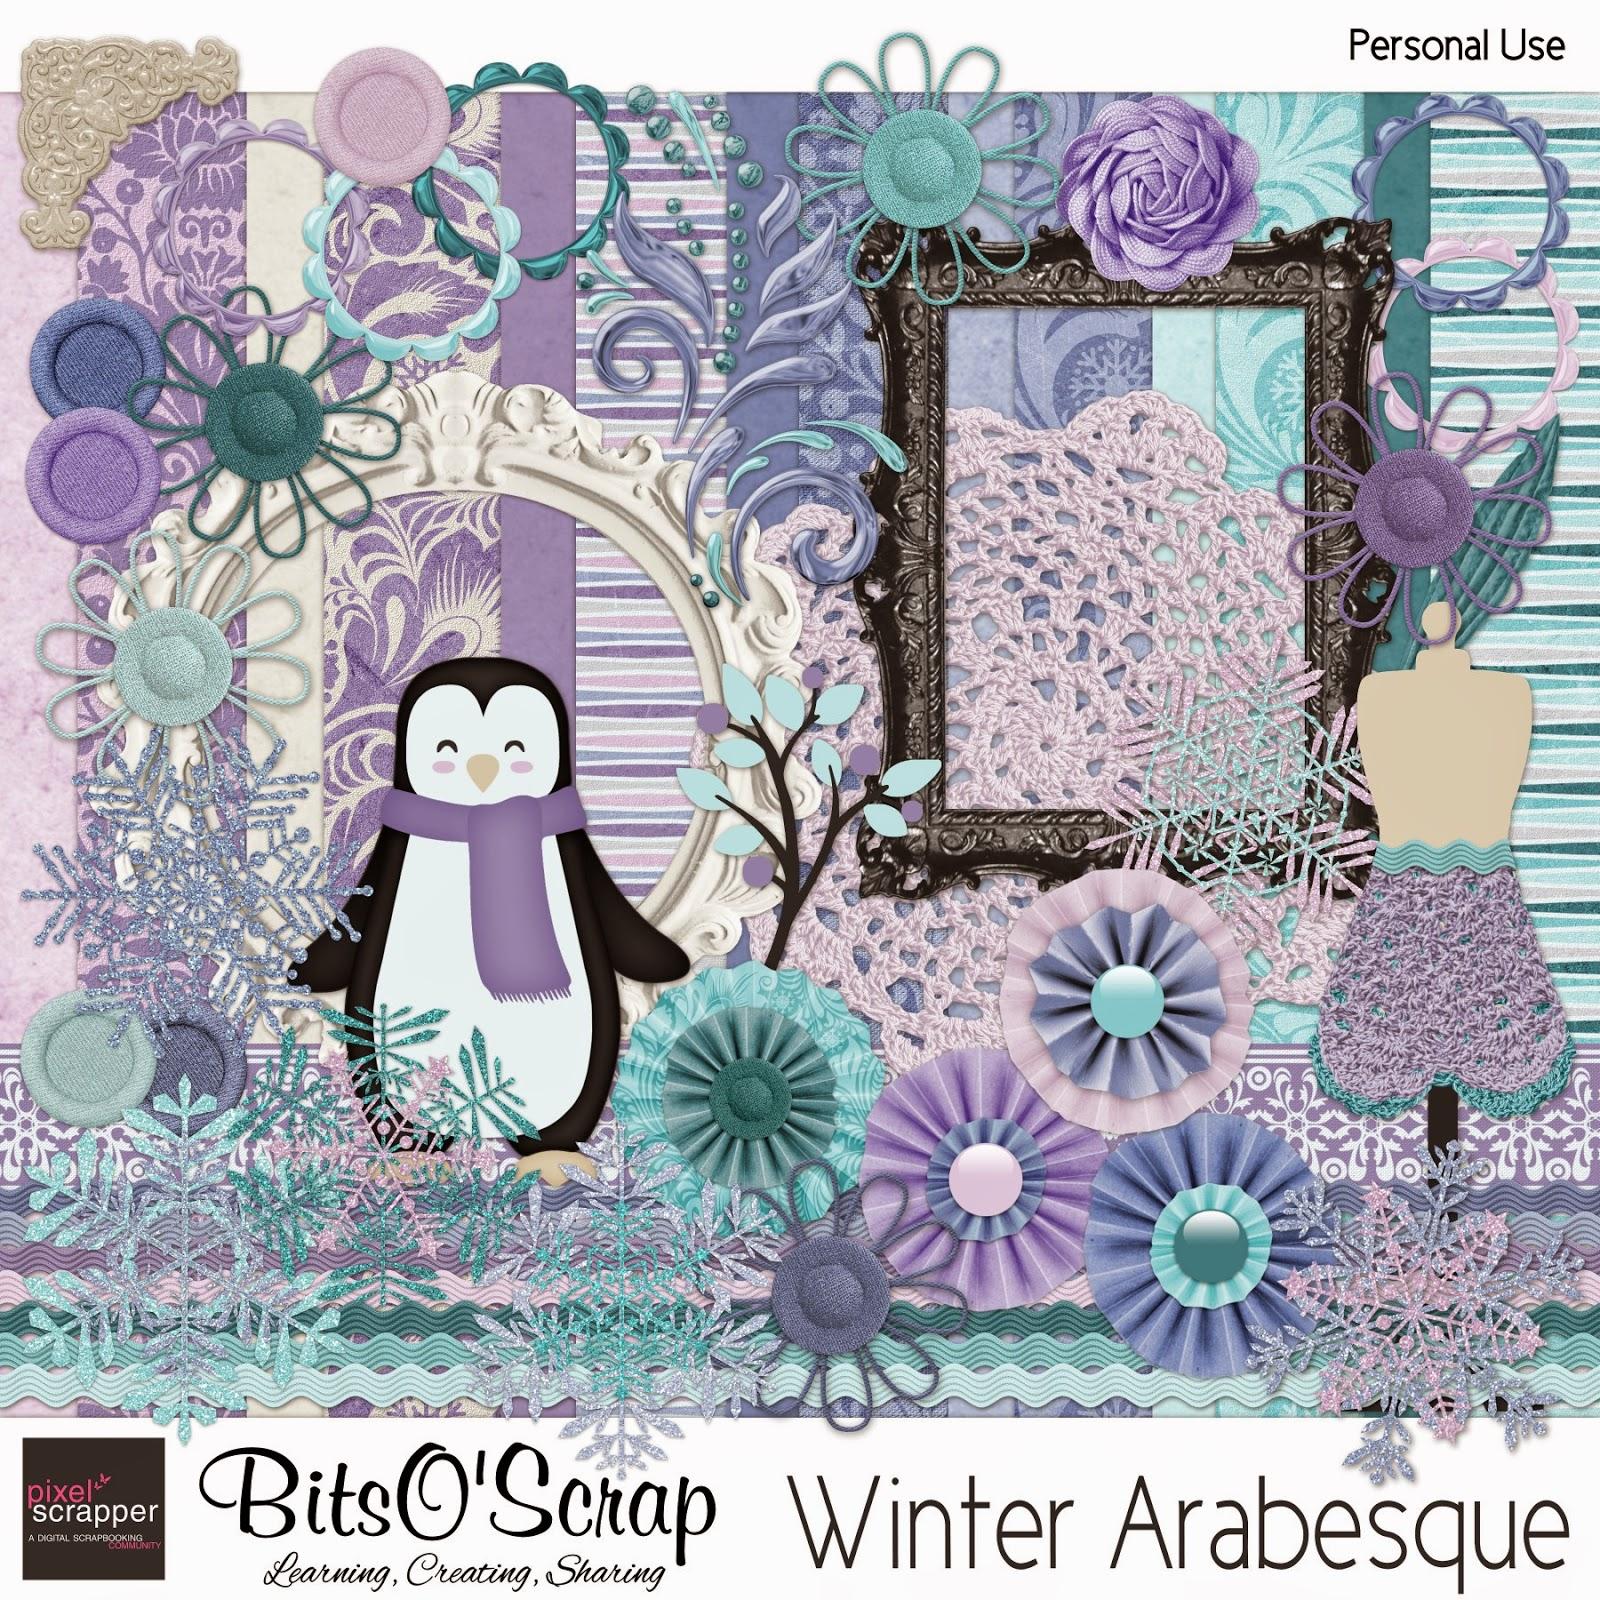 http://4.bp.blogspot.com/-EEFlUQy9RhM/VKPqW9VitnI/AAAAAAAADhk/gBVIjJvq-Pw/s1600/winter%2Barabesque%2Bpreview%2B(1800%2Bx%2B1800).jpg